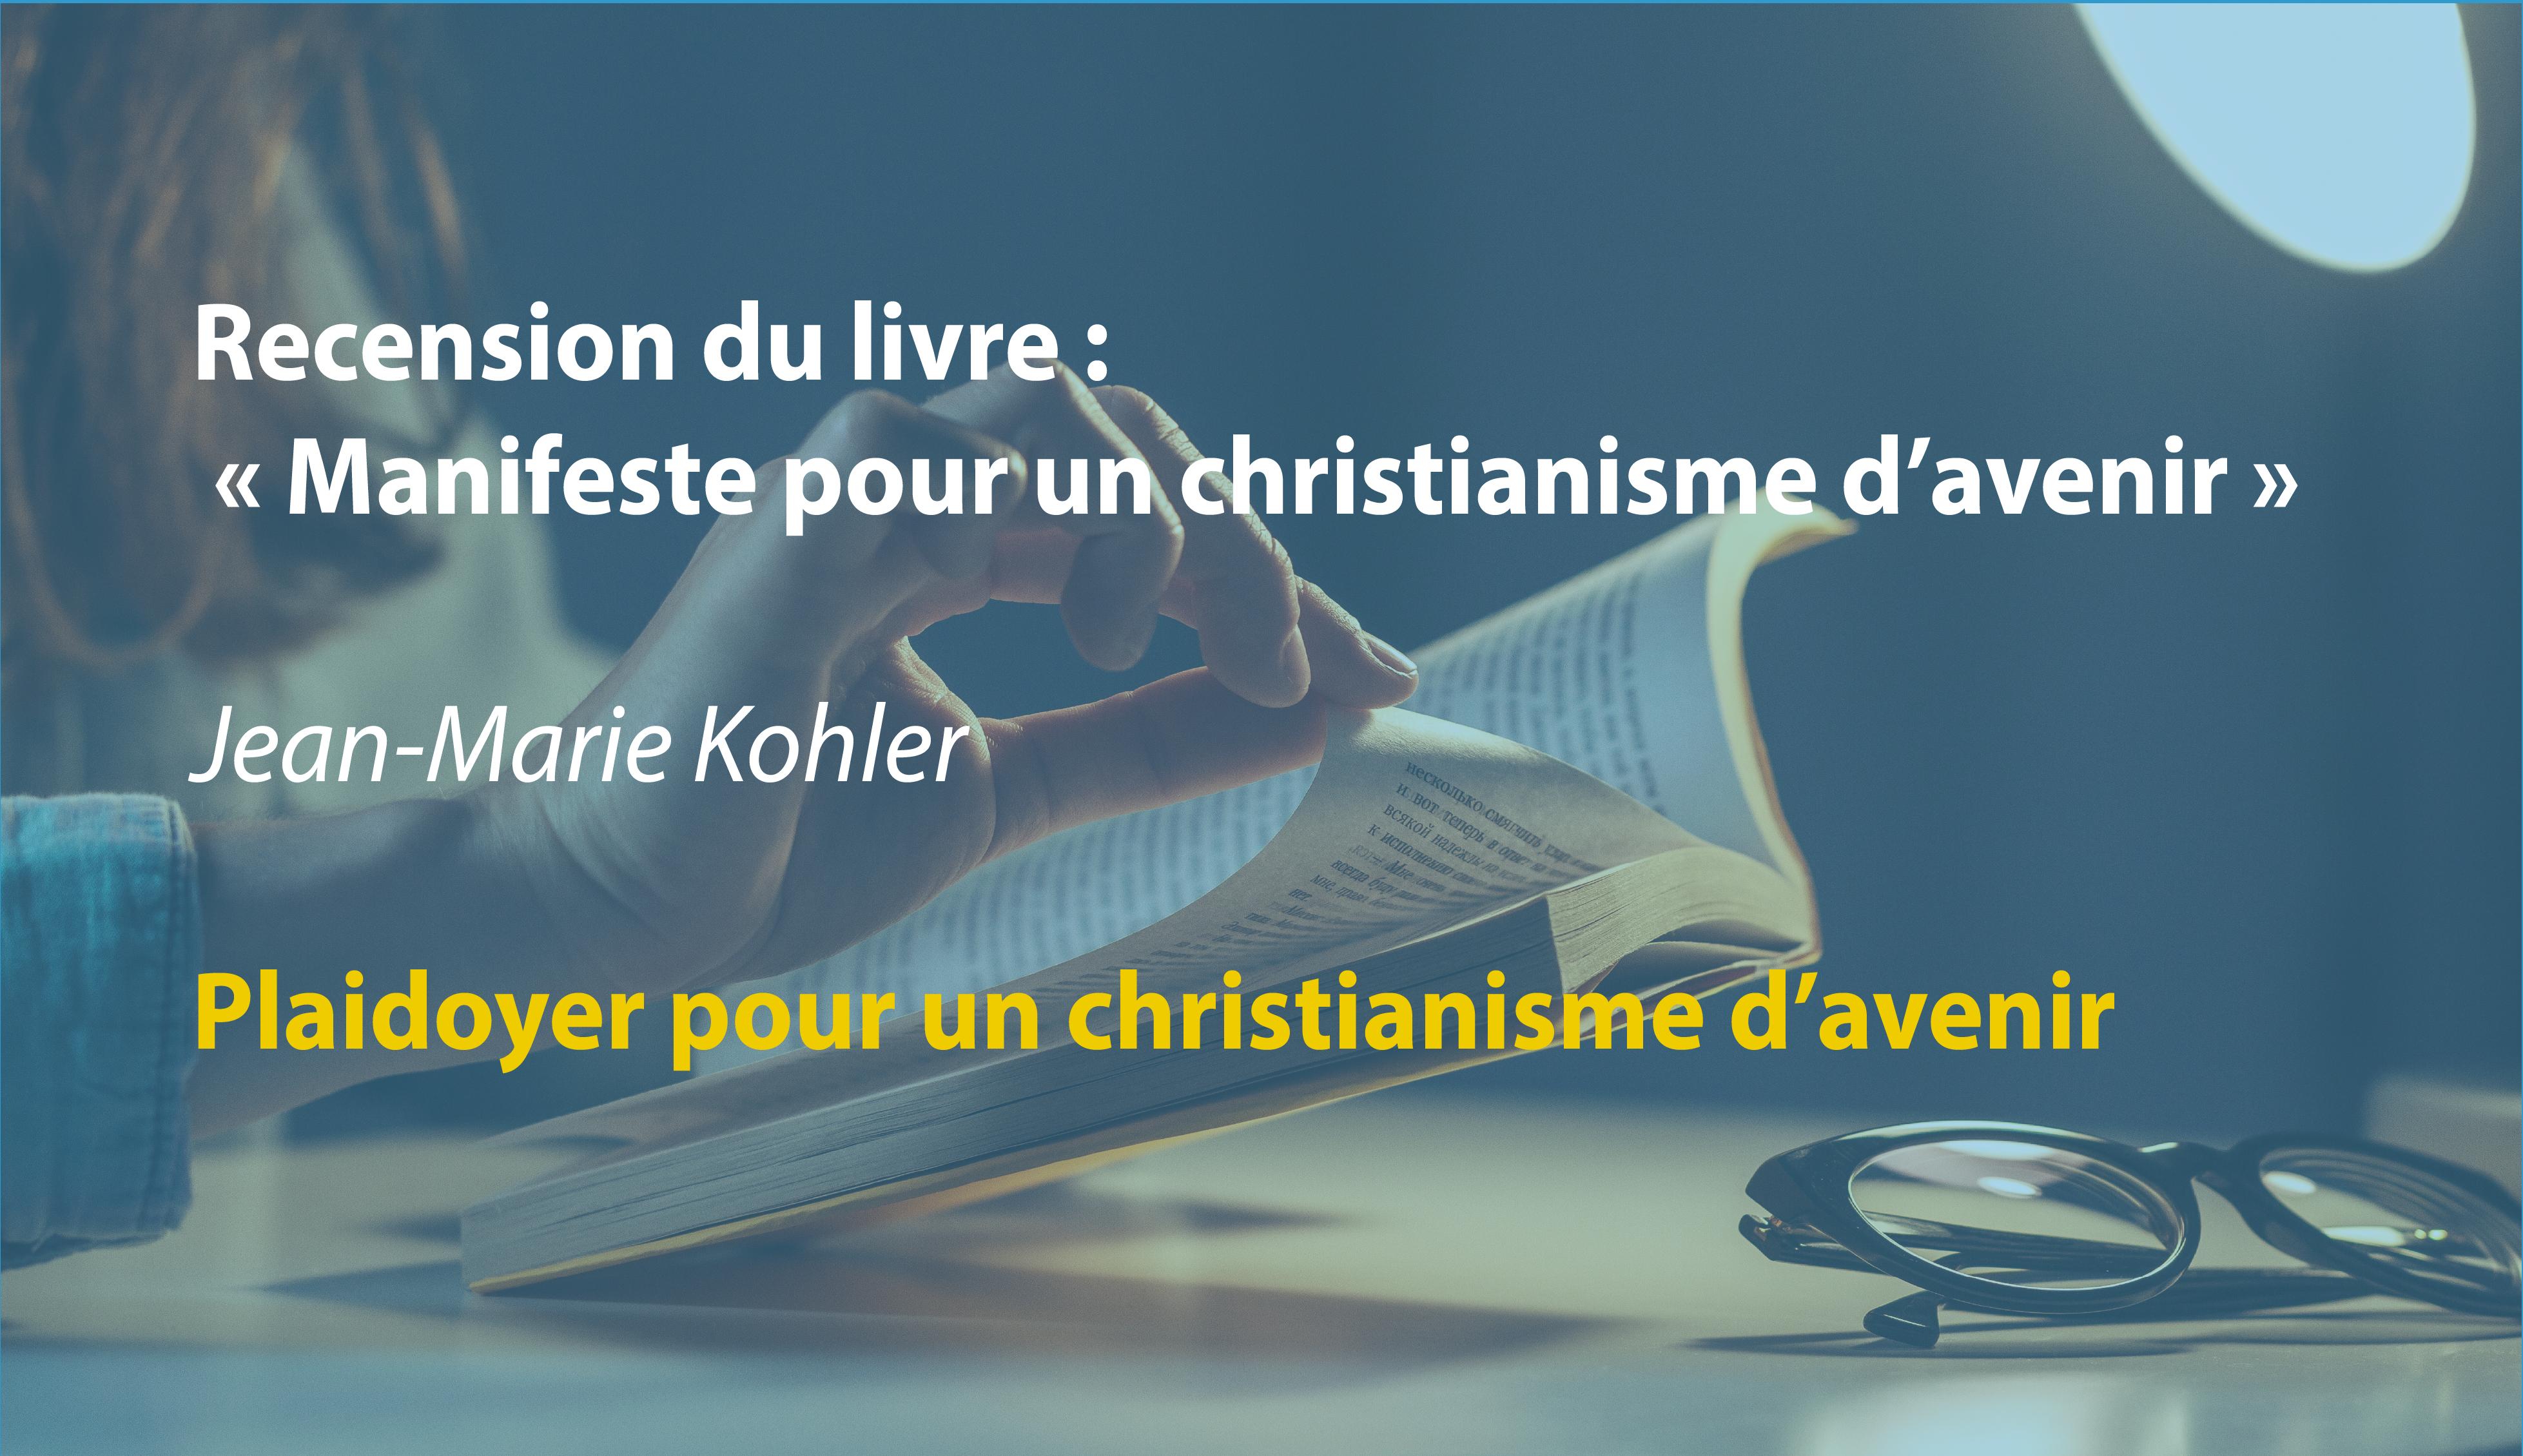 Recension du livre : «Manifeste pour un christianisme d'avenir» par Jean-Marie Kohler